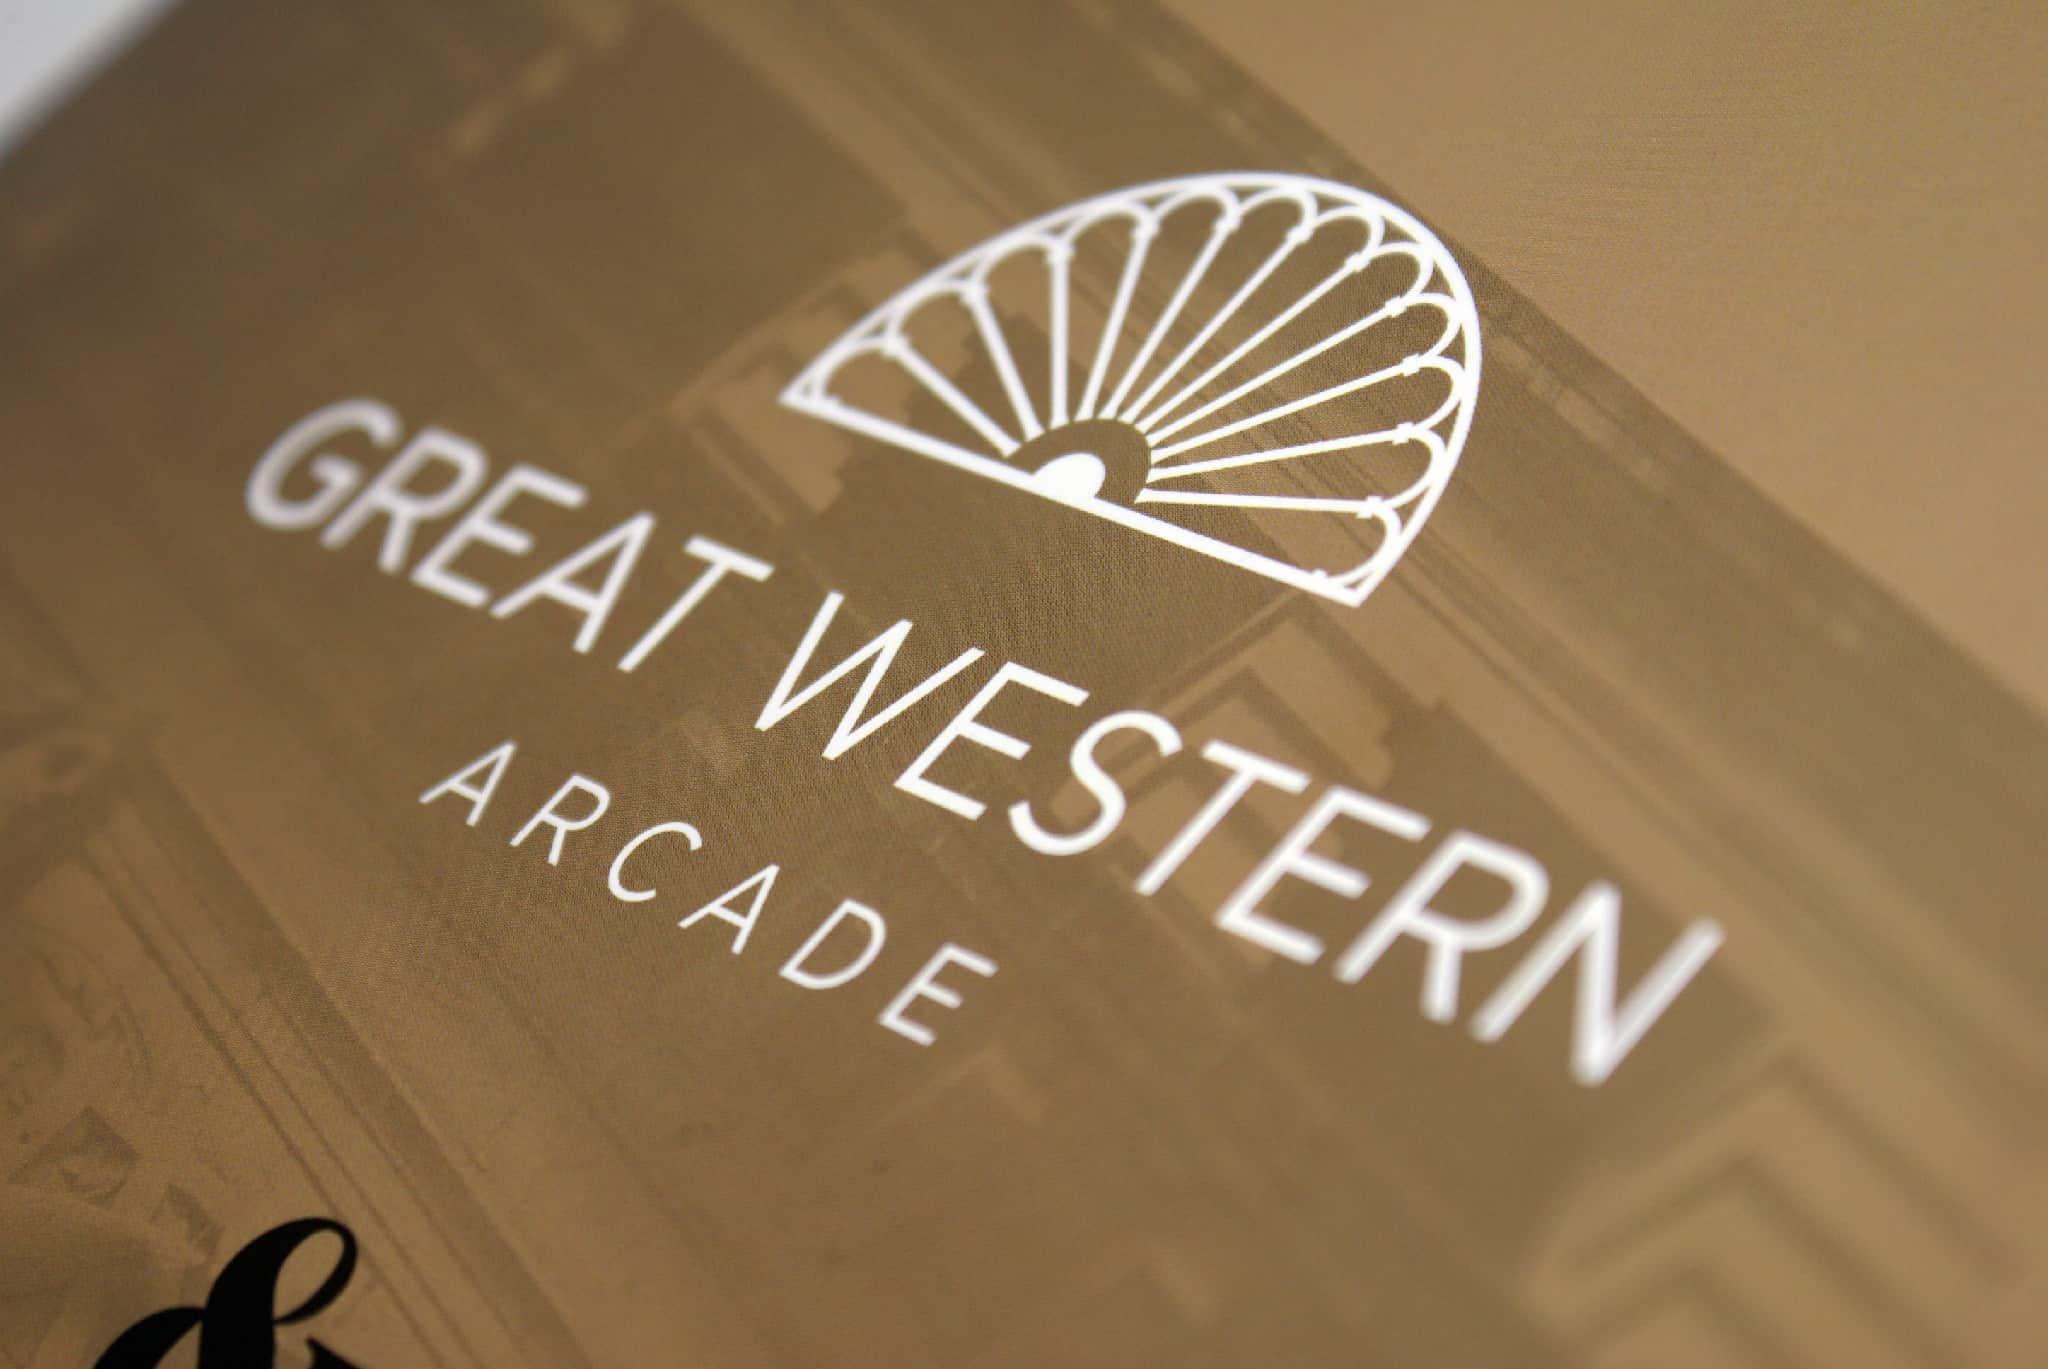 Great Western Arcade & Ten Colmore Row